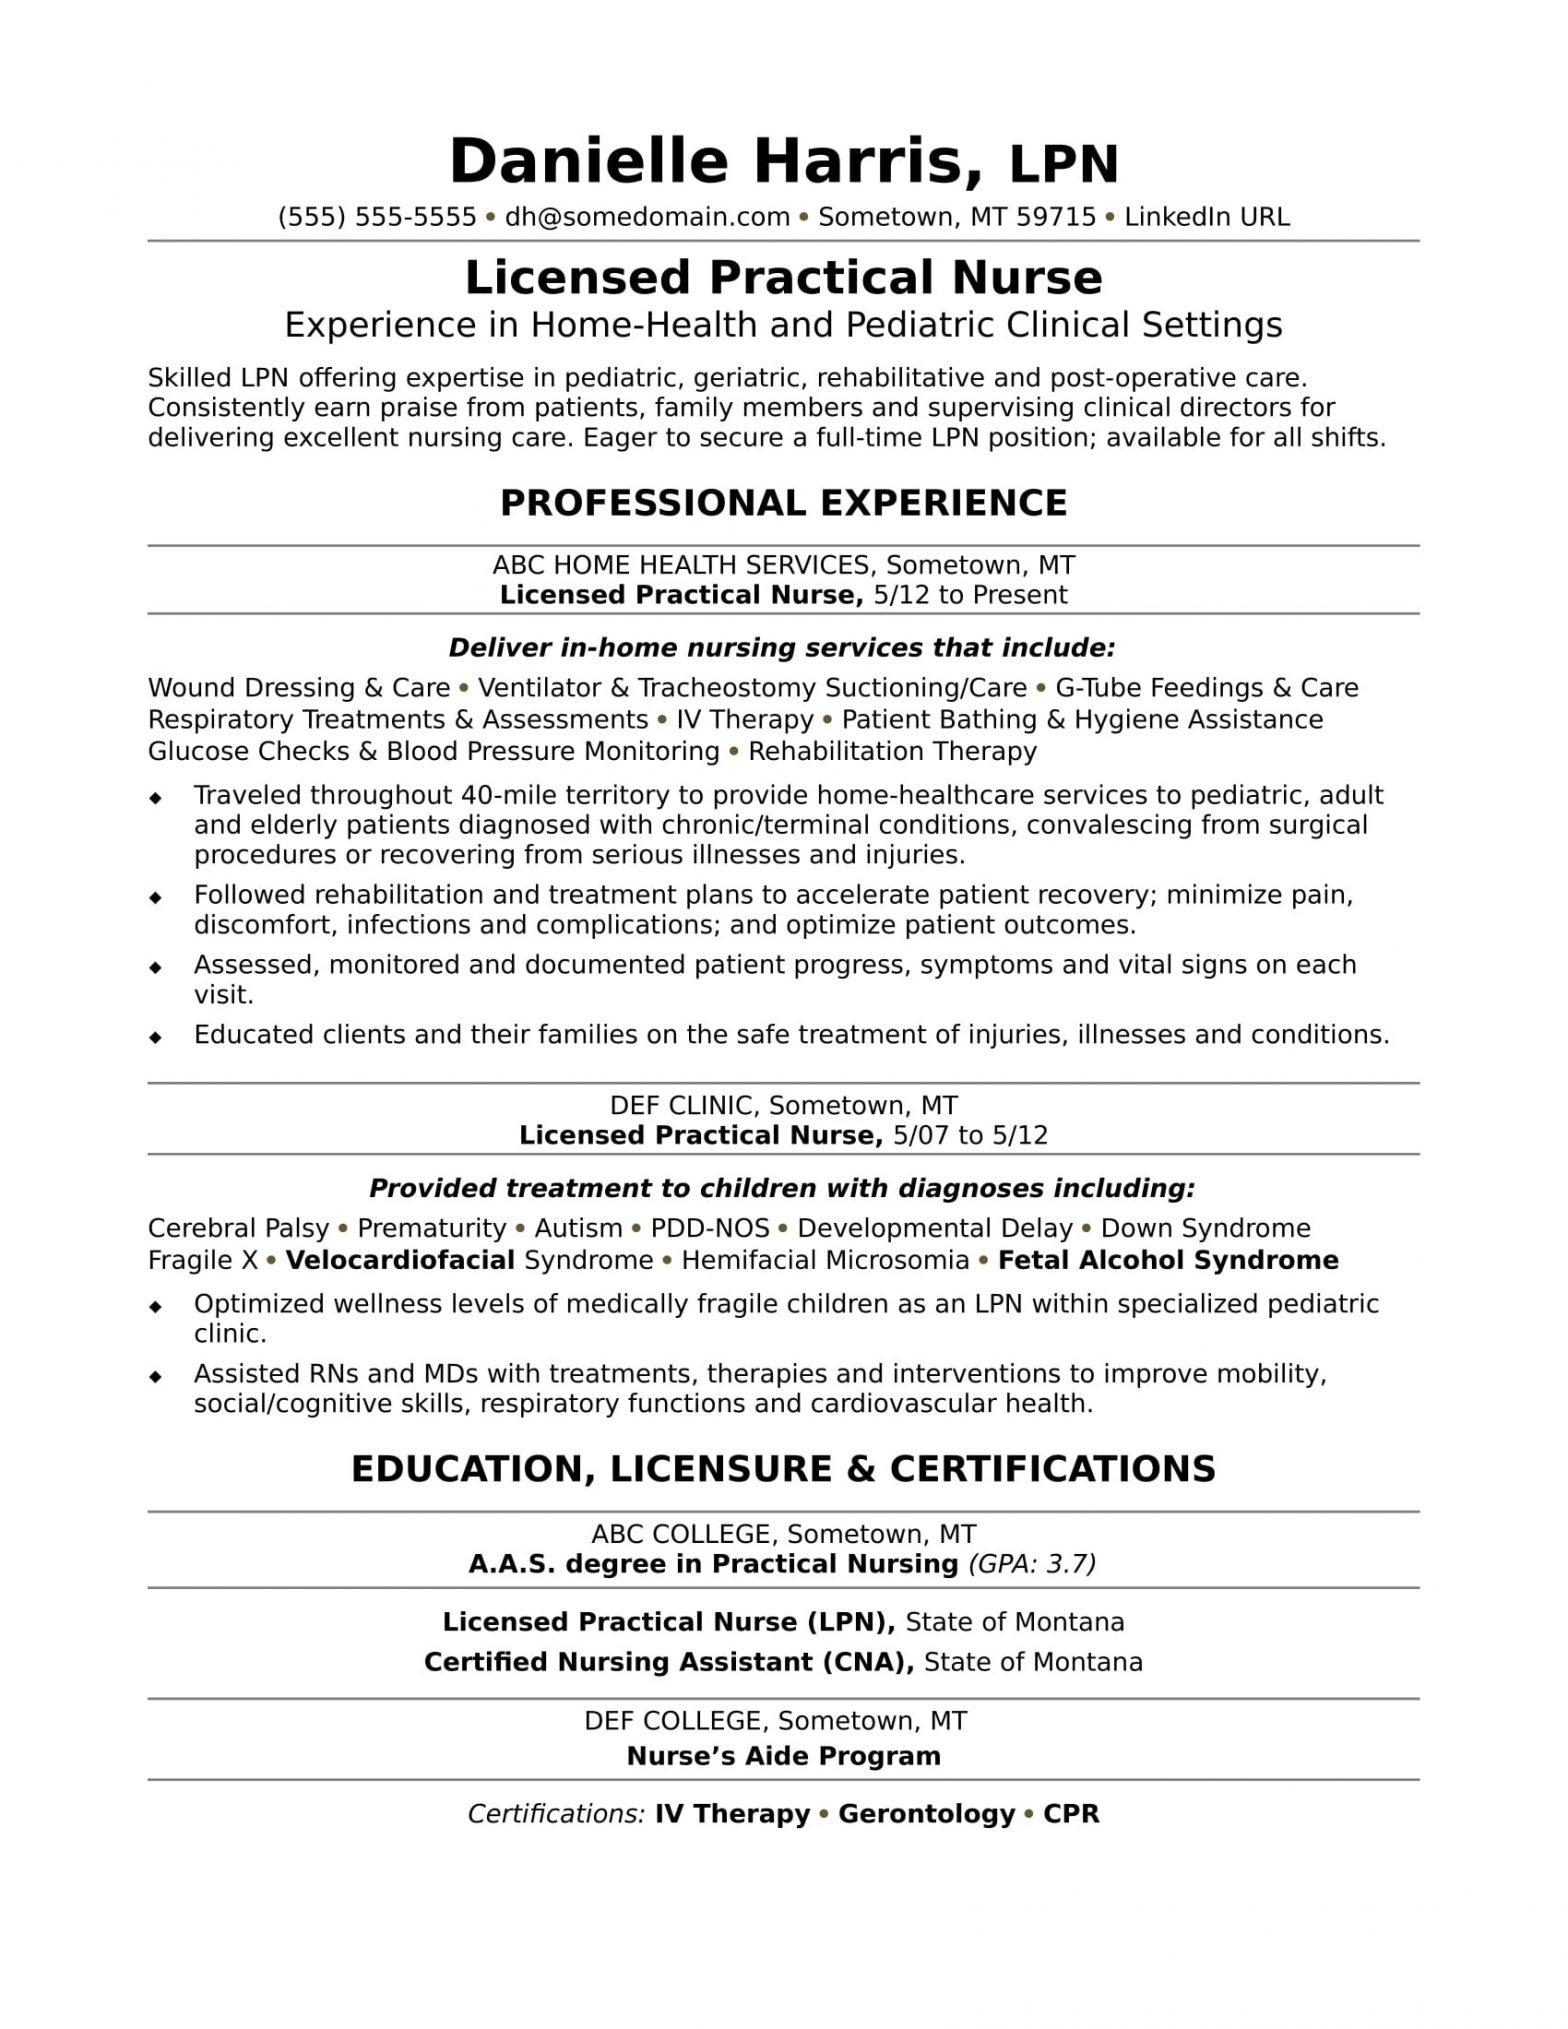 Lvn Resume Sample for A New Grad Licensed Practical Nurse Resume Sample Monster.com